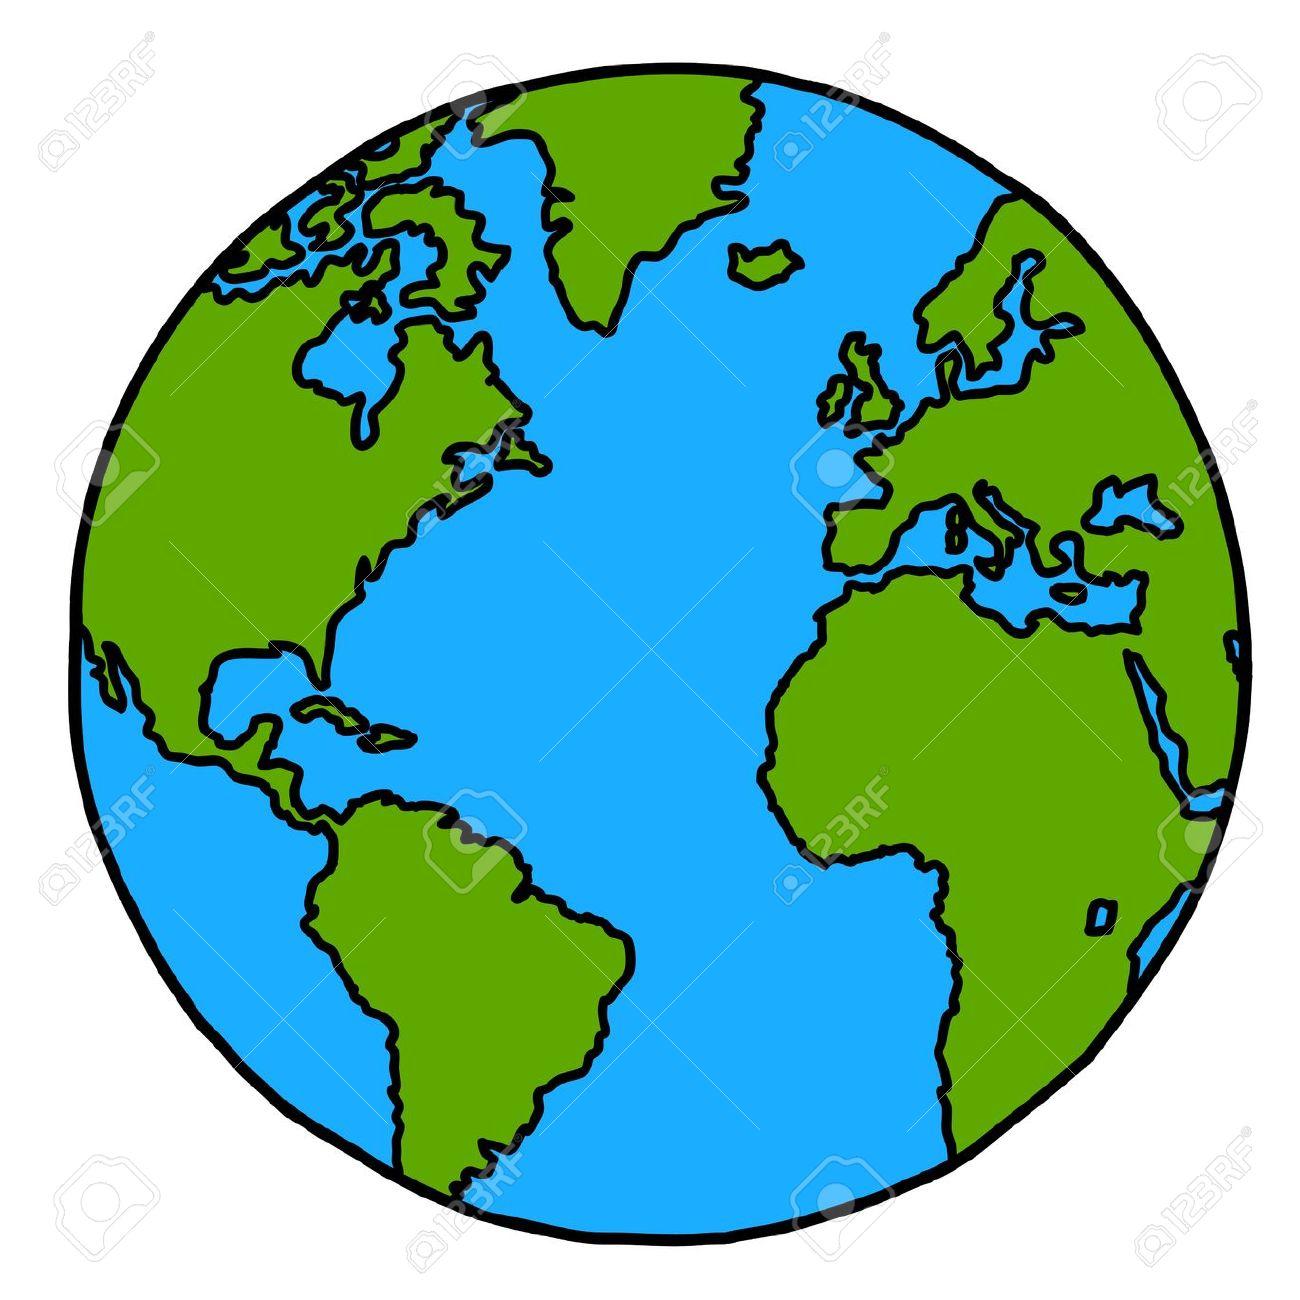 Die erde clipart banner Erde Europa Lizenzfreie Vektorgrafiken Kaufen: 123RF banner